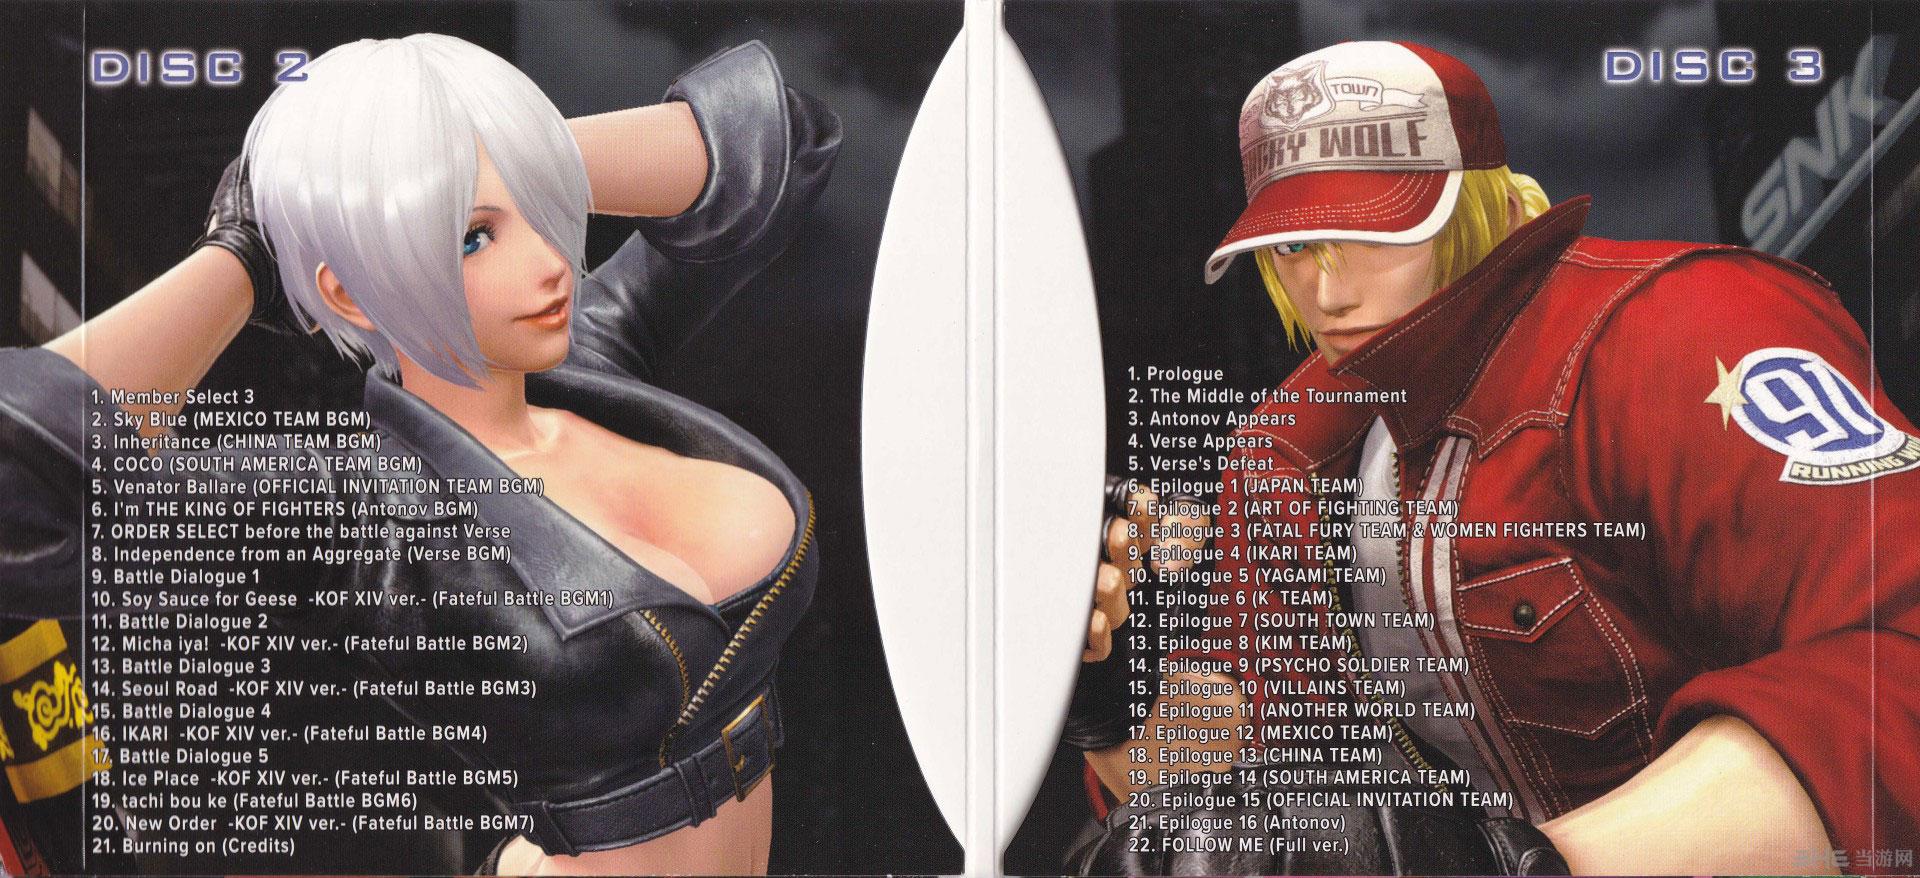 拳皇14游戏音乐OST截图1